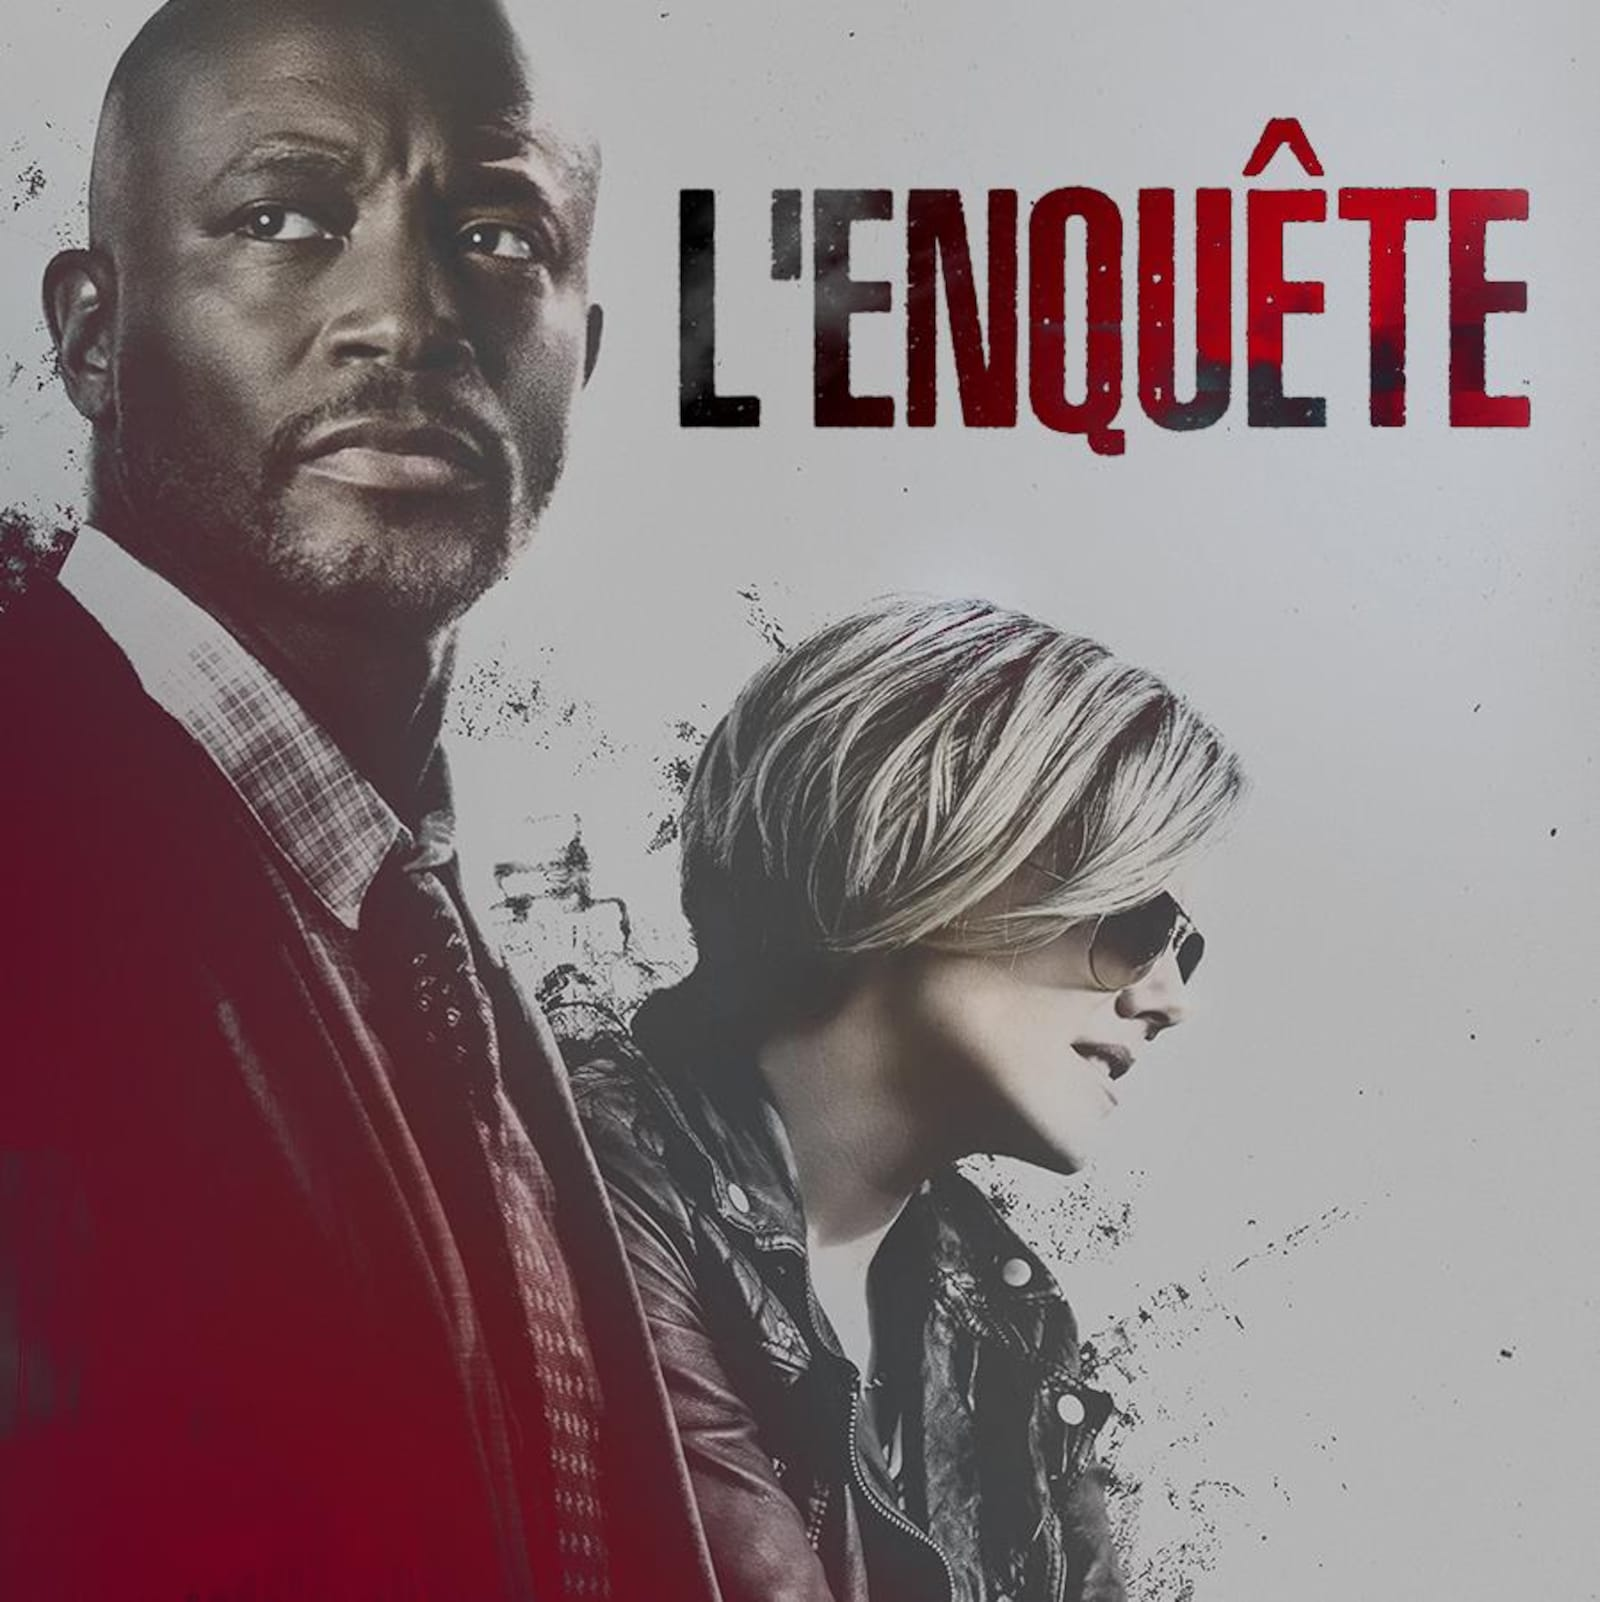 Les deux personnages principaux de la saison 3 de l'Enquête, un homme et une femme qui porte des lunettes de soleil.